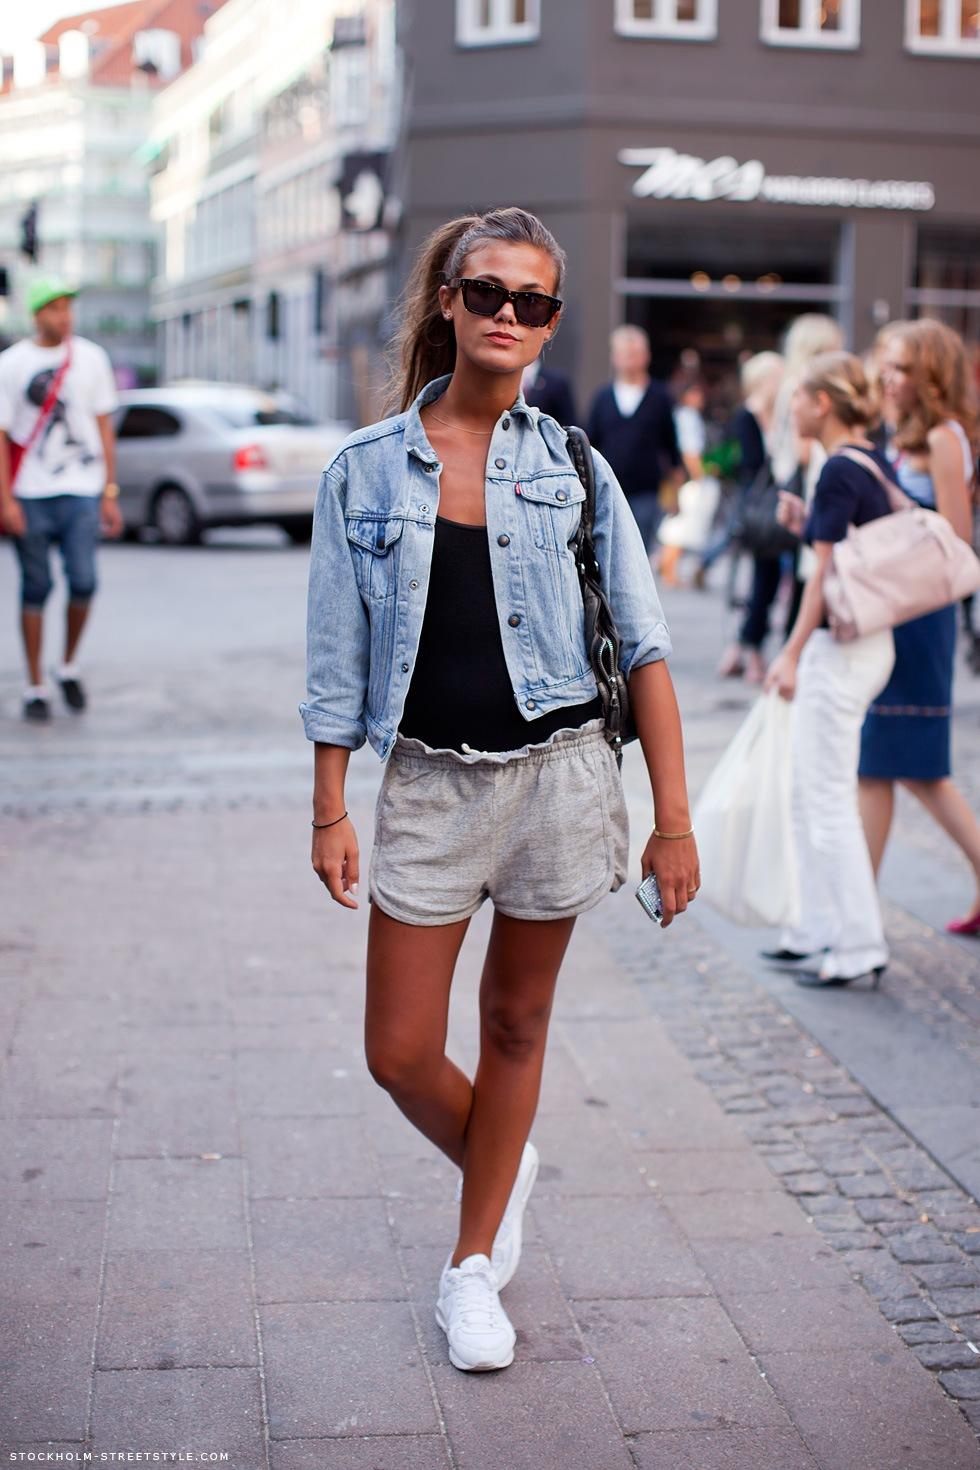 Стиль 90-х: модная джинсовая куртка и шорты.